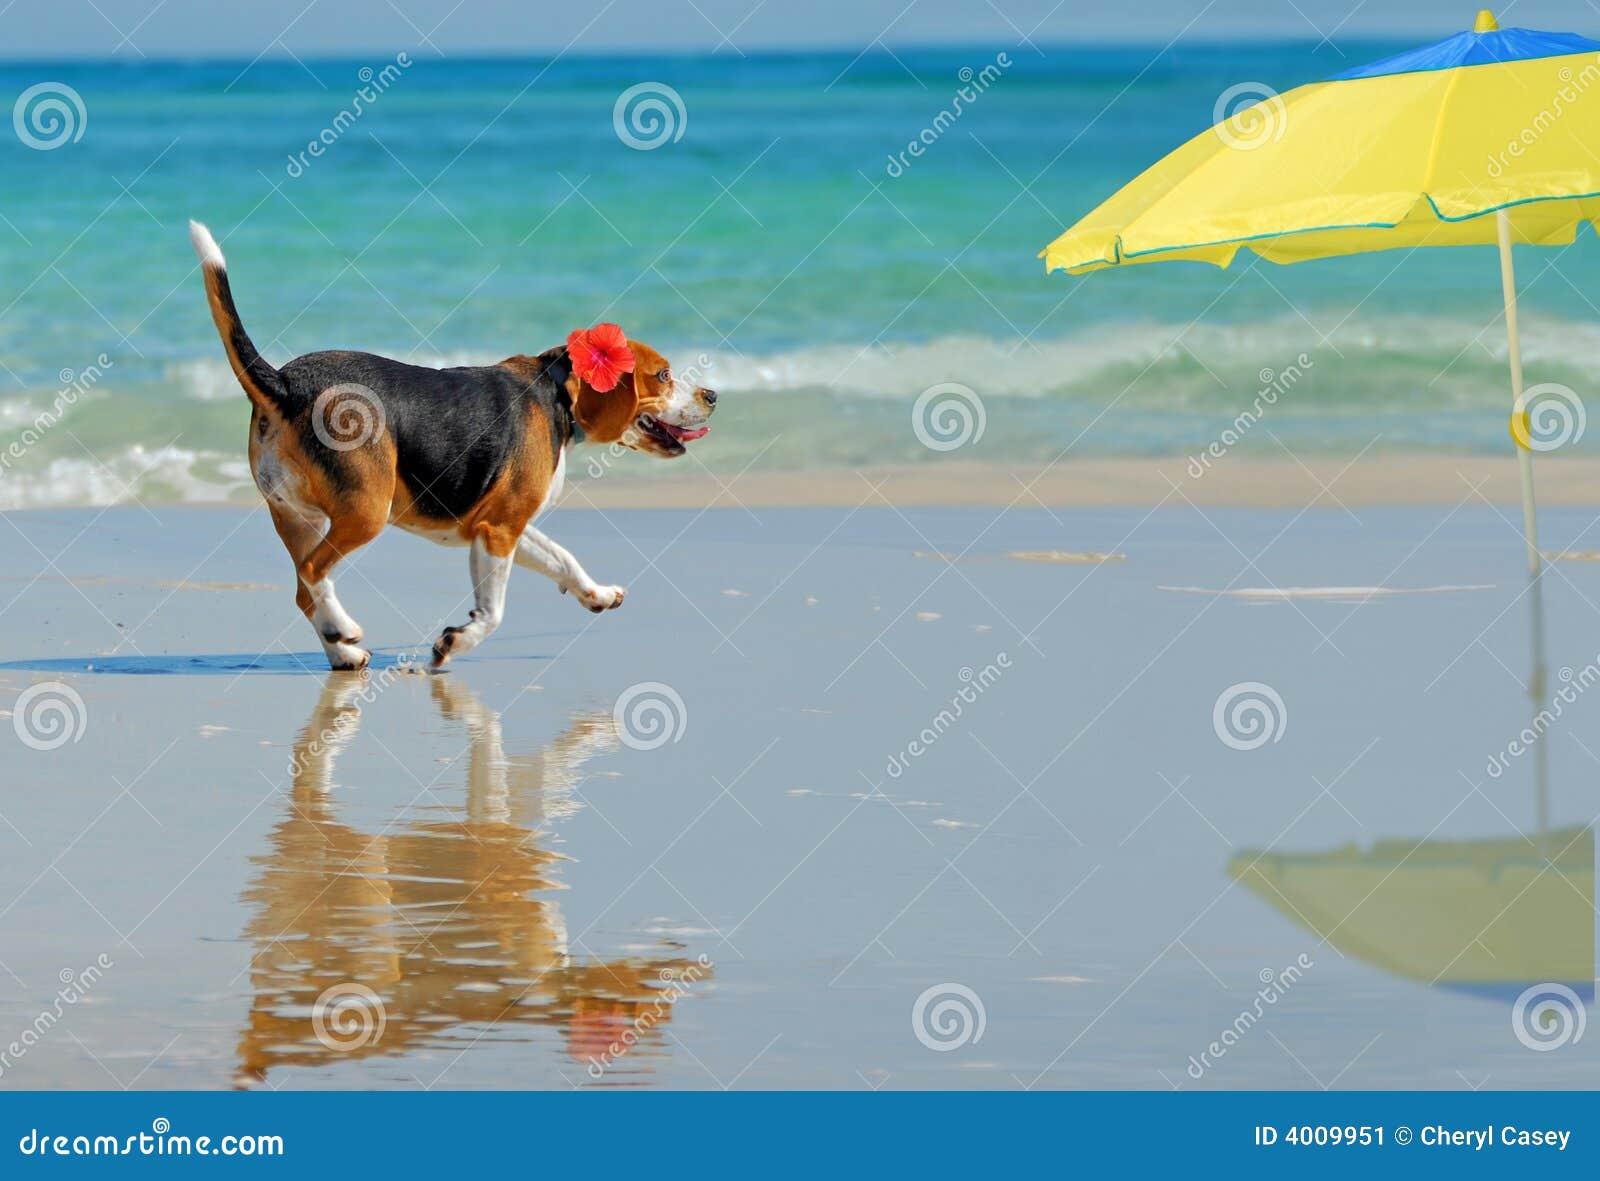 Beagle on Beach